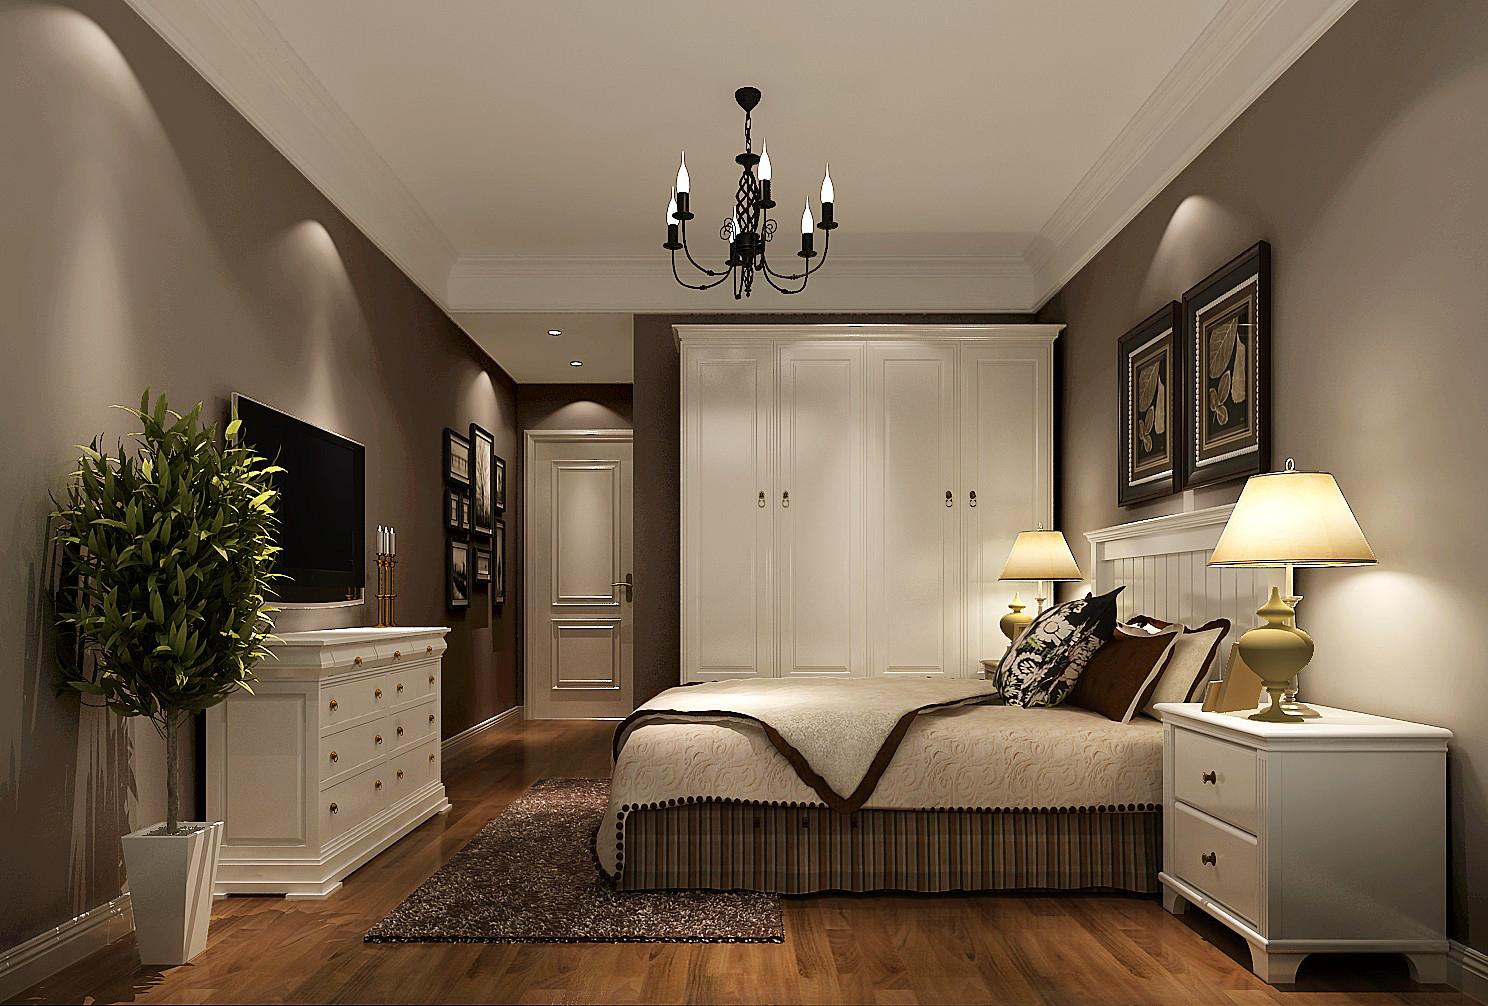 简约 美式 高度国际 时尚 公寓 白领 80后 白富美 温馨 卧室图片来自北京高度国际装饰设计在果岭Class美式简约幸福之家的分享